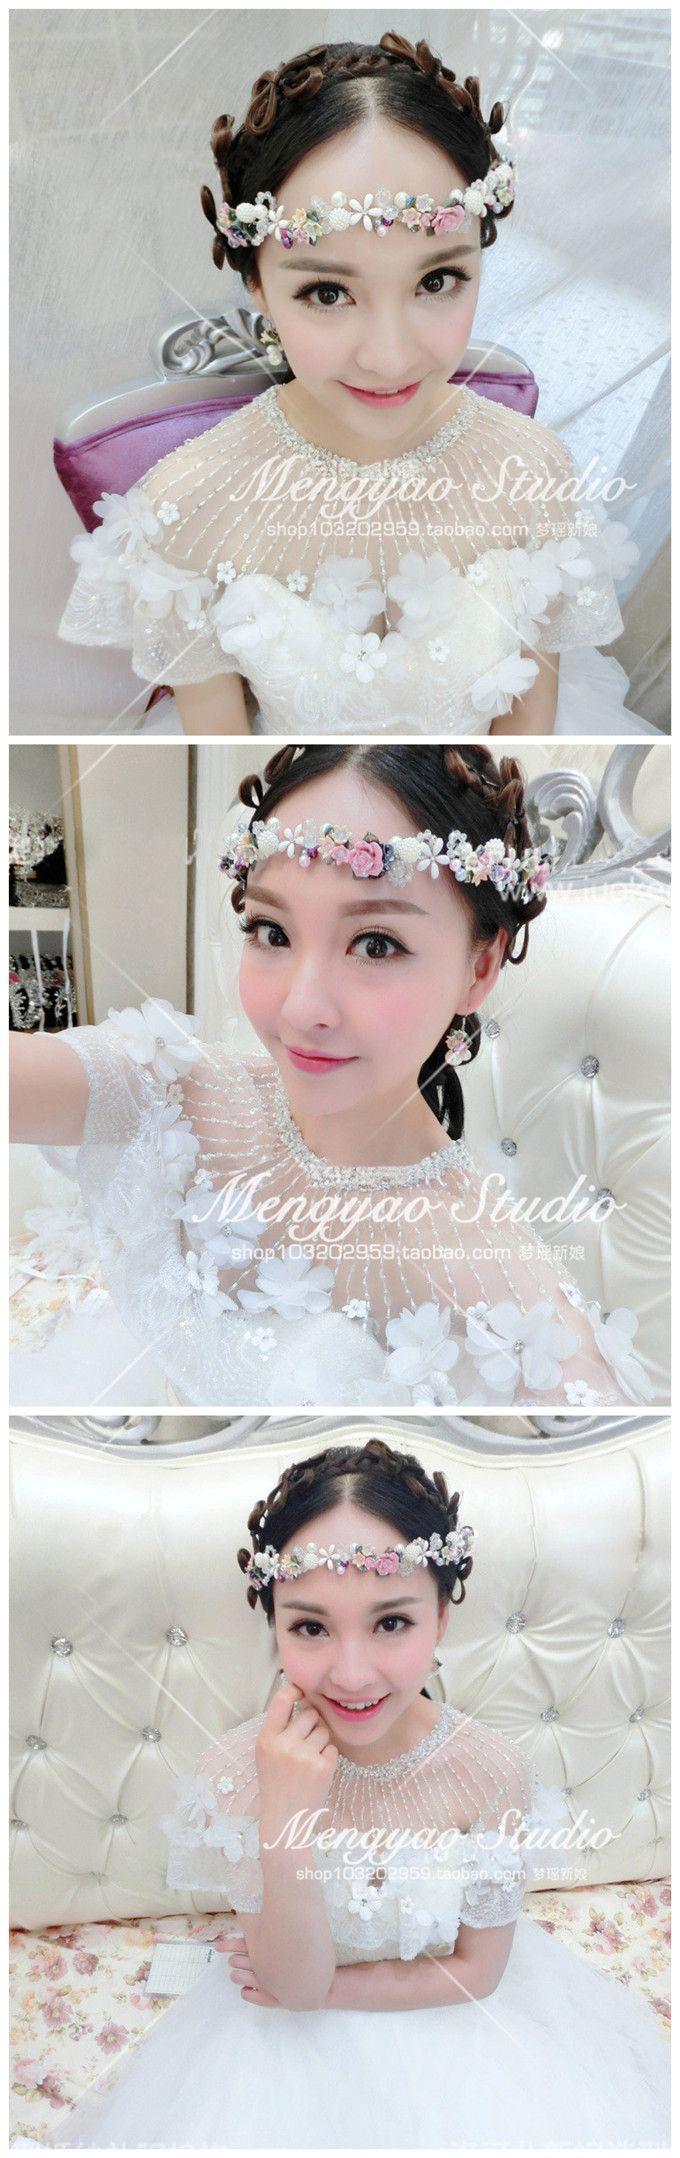 Свадебные украшения свадебные аксессуары аксессуары для волос волосы ленты для волос лента свадьбы в стиле барокко жемчужина керамики цветок голову цветок корейский - Taobao